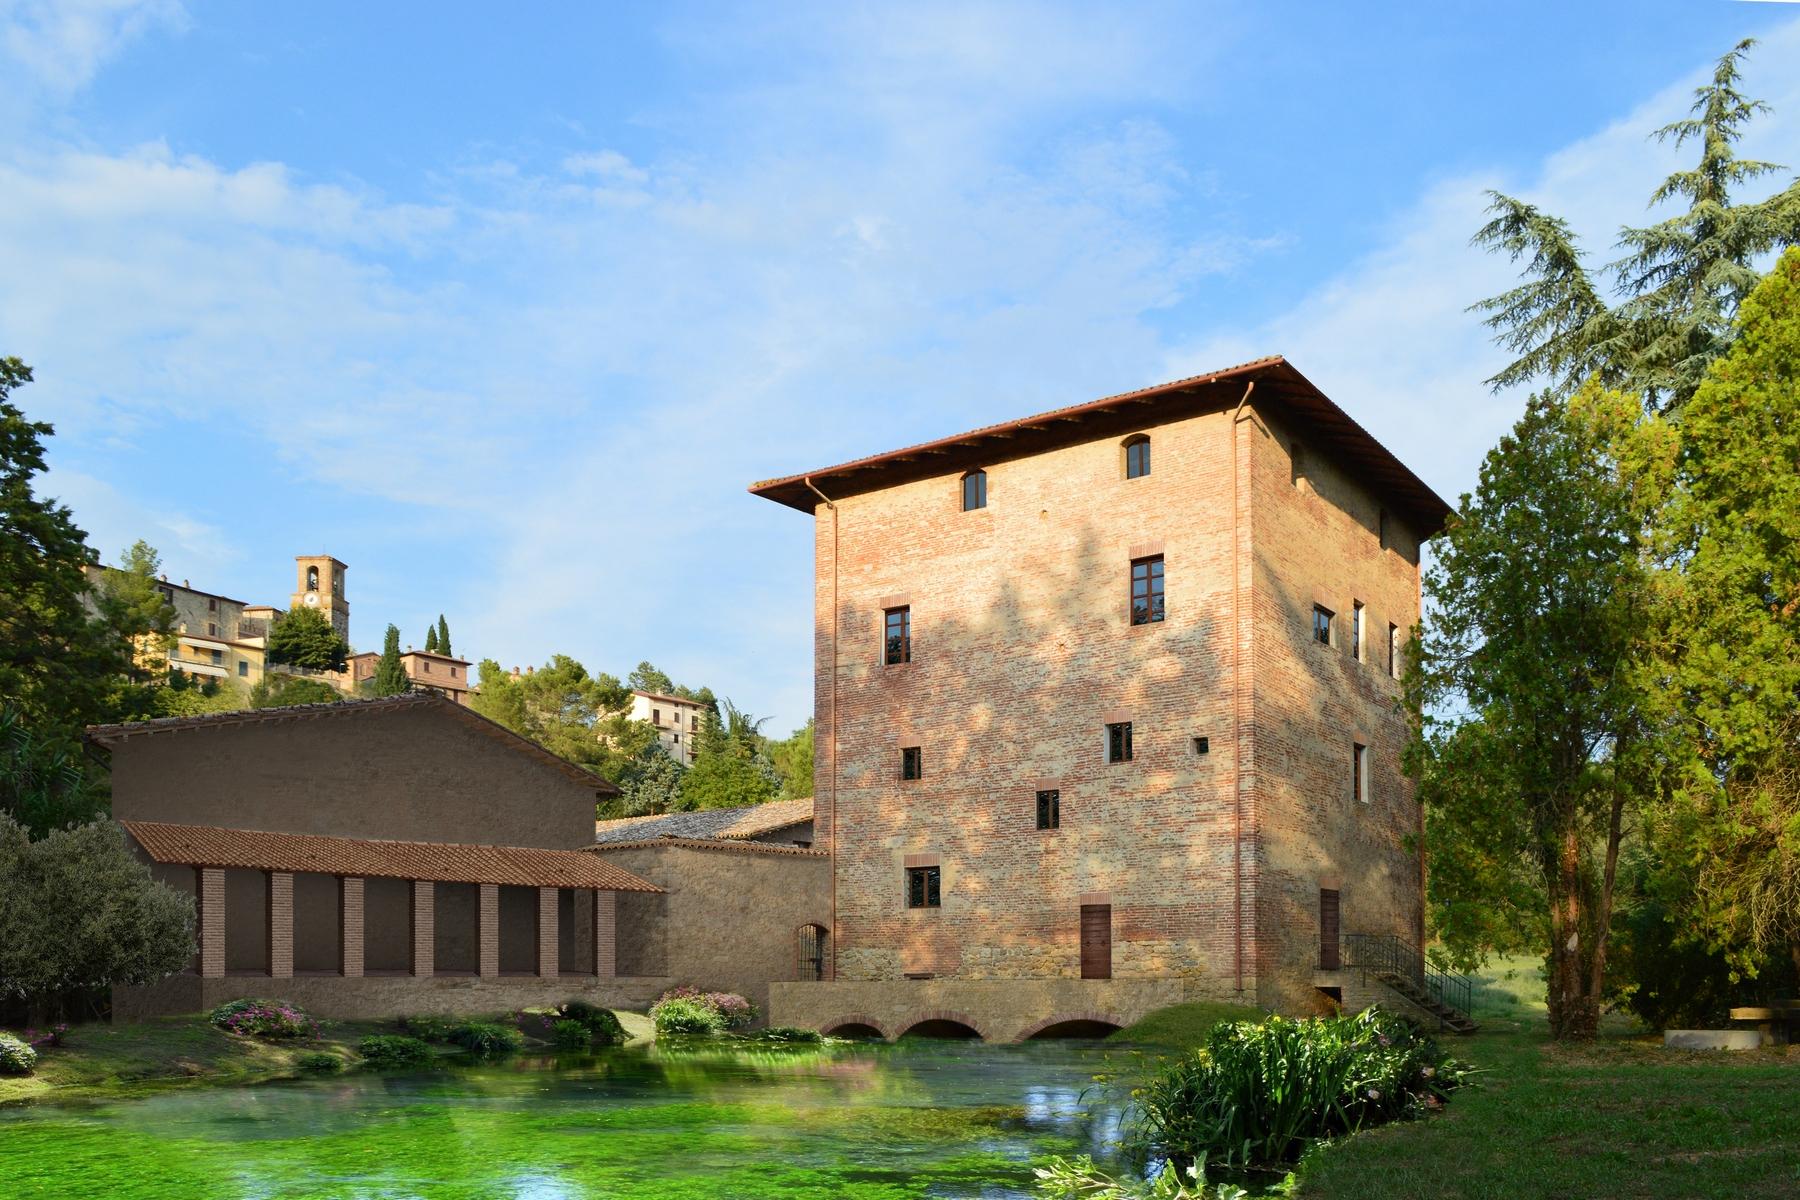 Rustico in Vendita a Marsciano: 5 locali, 1500 mq - Foto 10